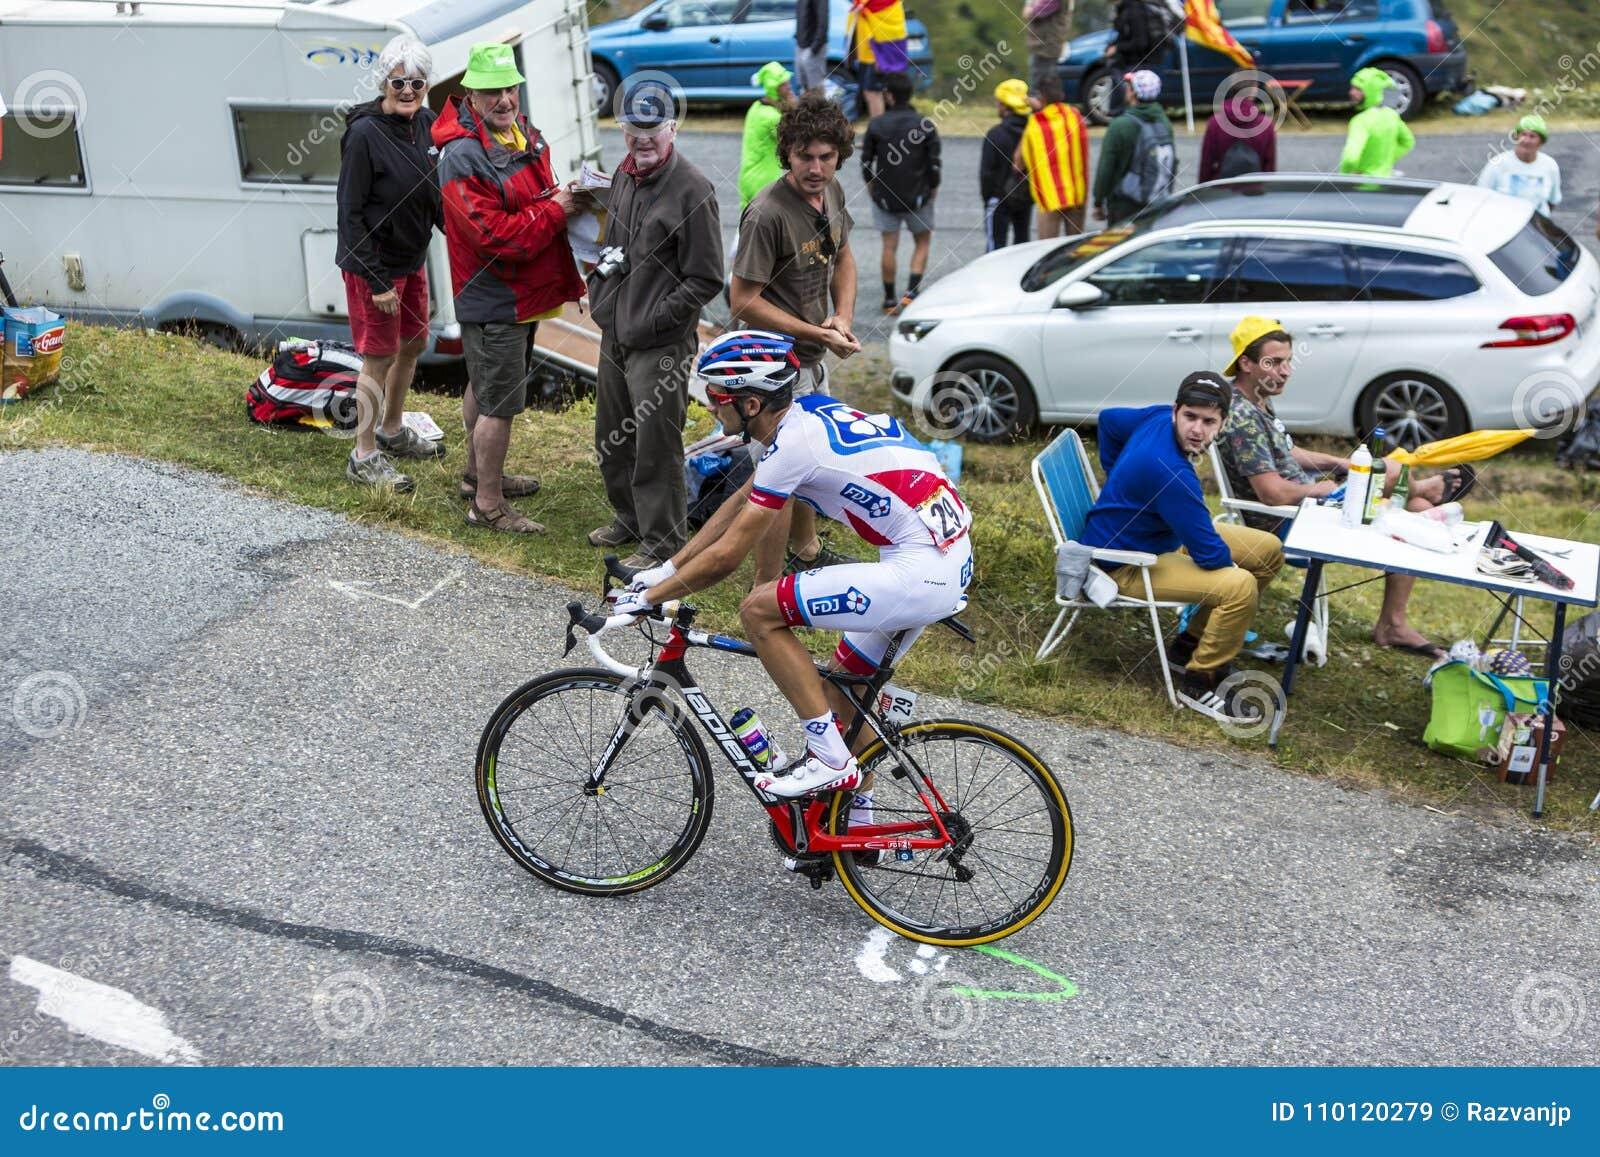 骑自行车者伯努瓦Vaugrenard -环法自行车赛2015年